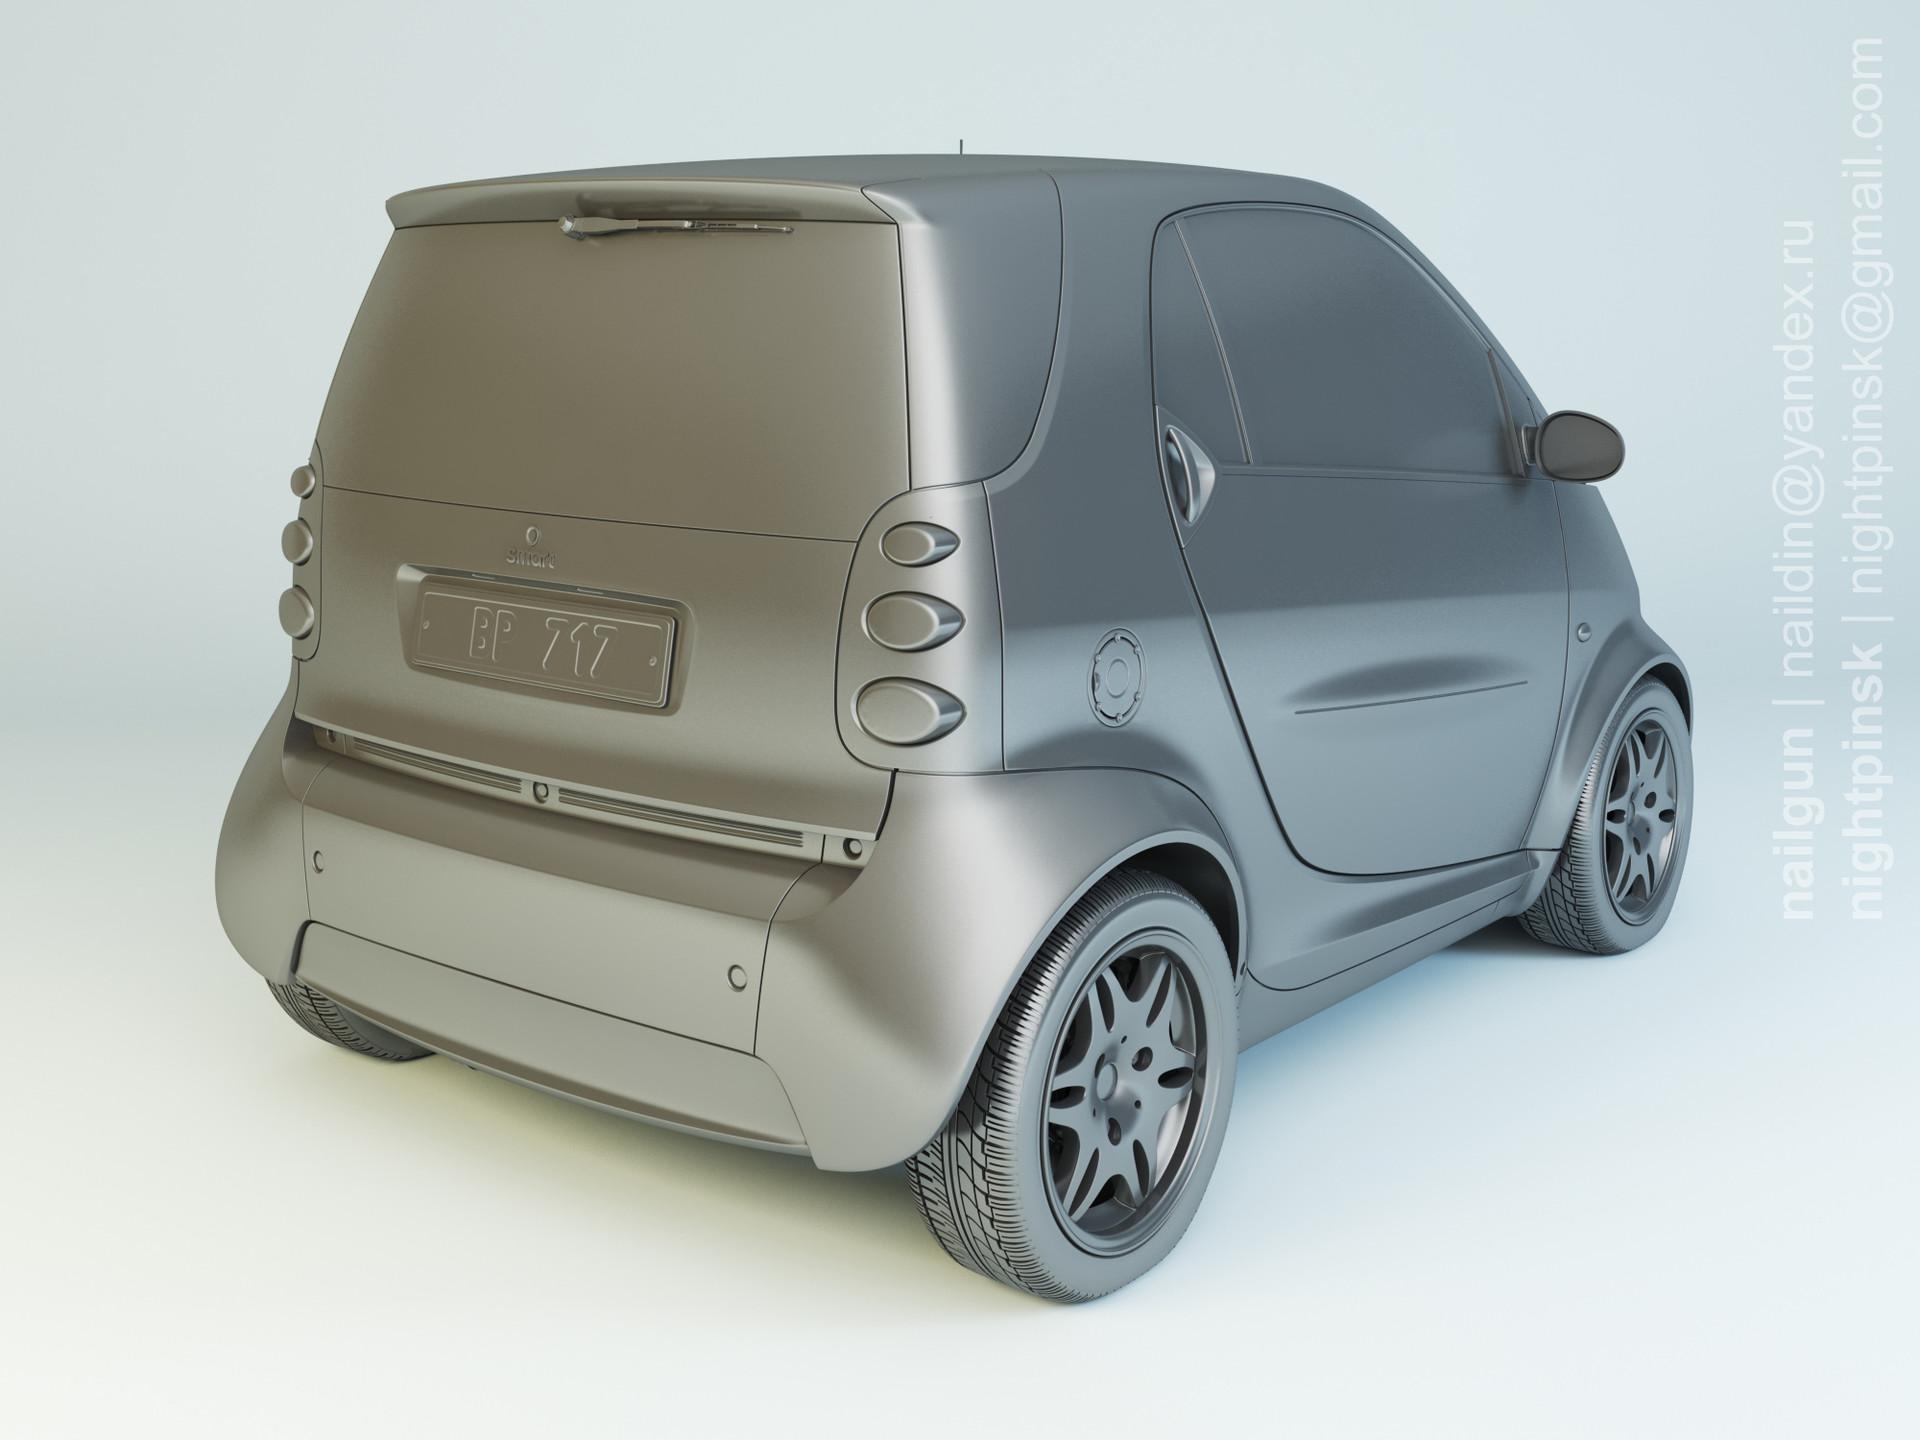 Nail khusnutdinov pwc 045 001 smart fortwo modelling rgb color 0001